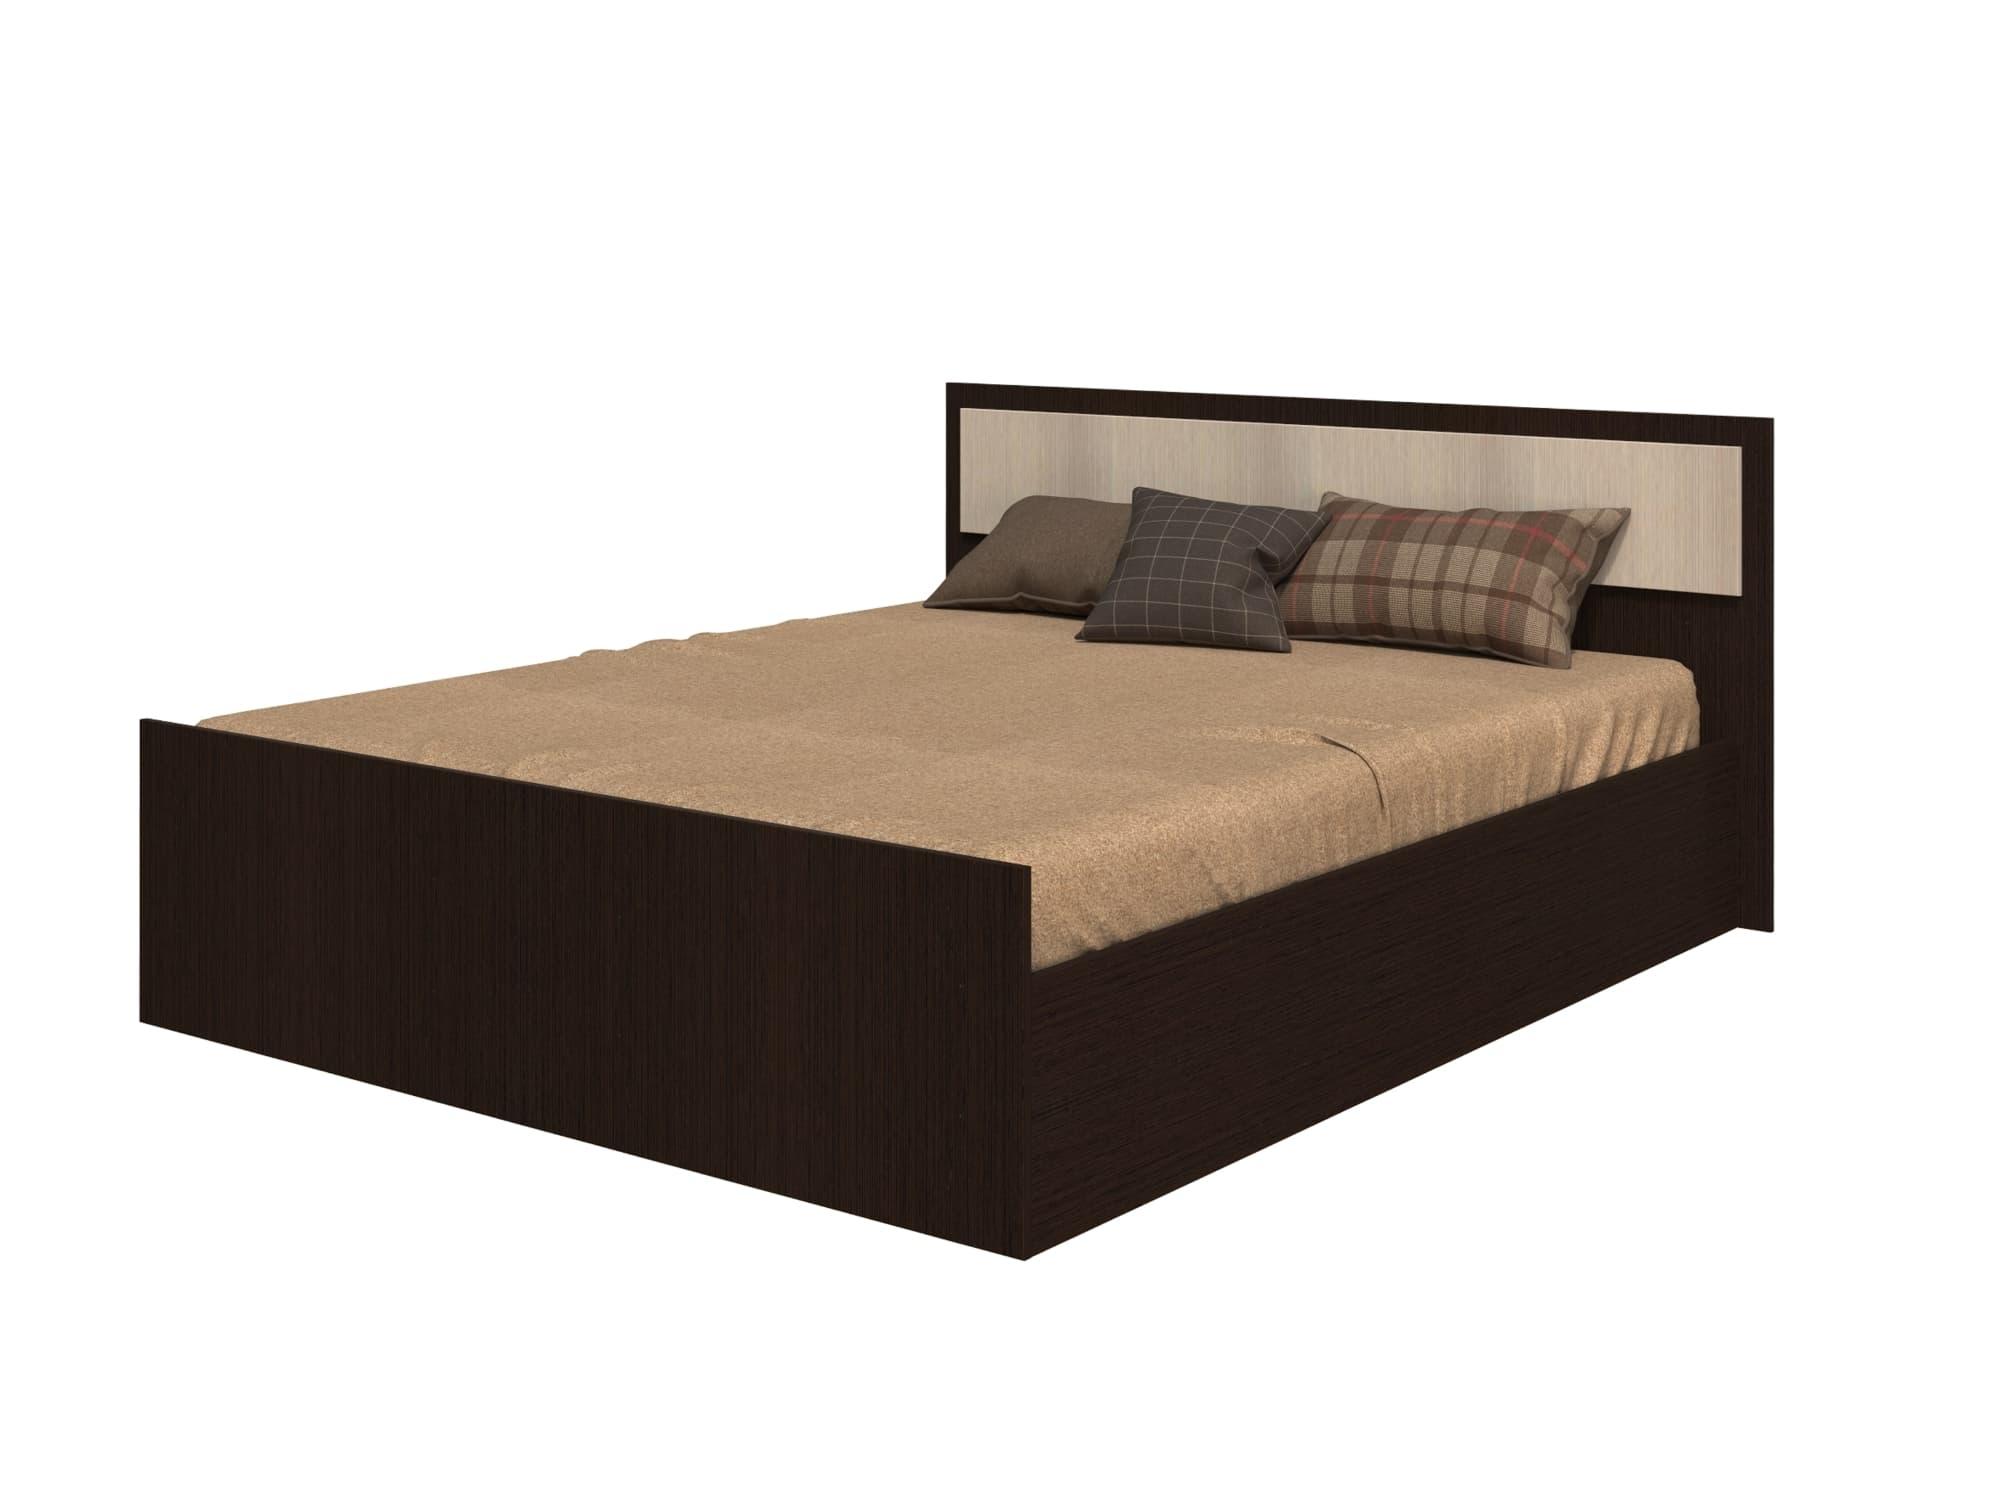 Спальня Фиеста (комплект 1) - фото Кровать на 1400 с поддоном, без матраса Фиеста